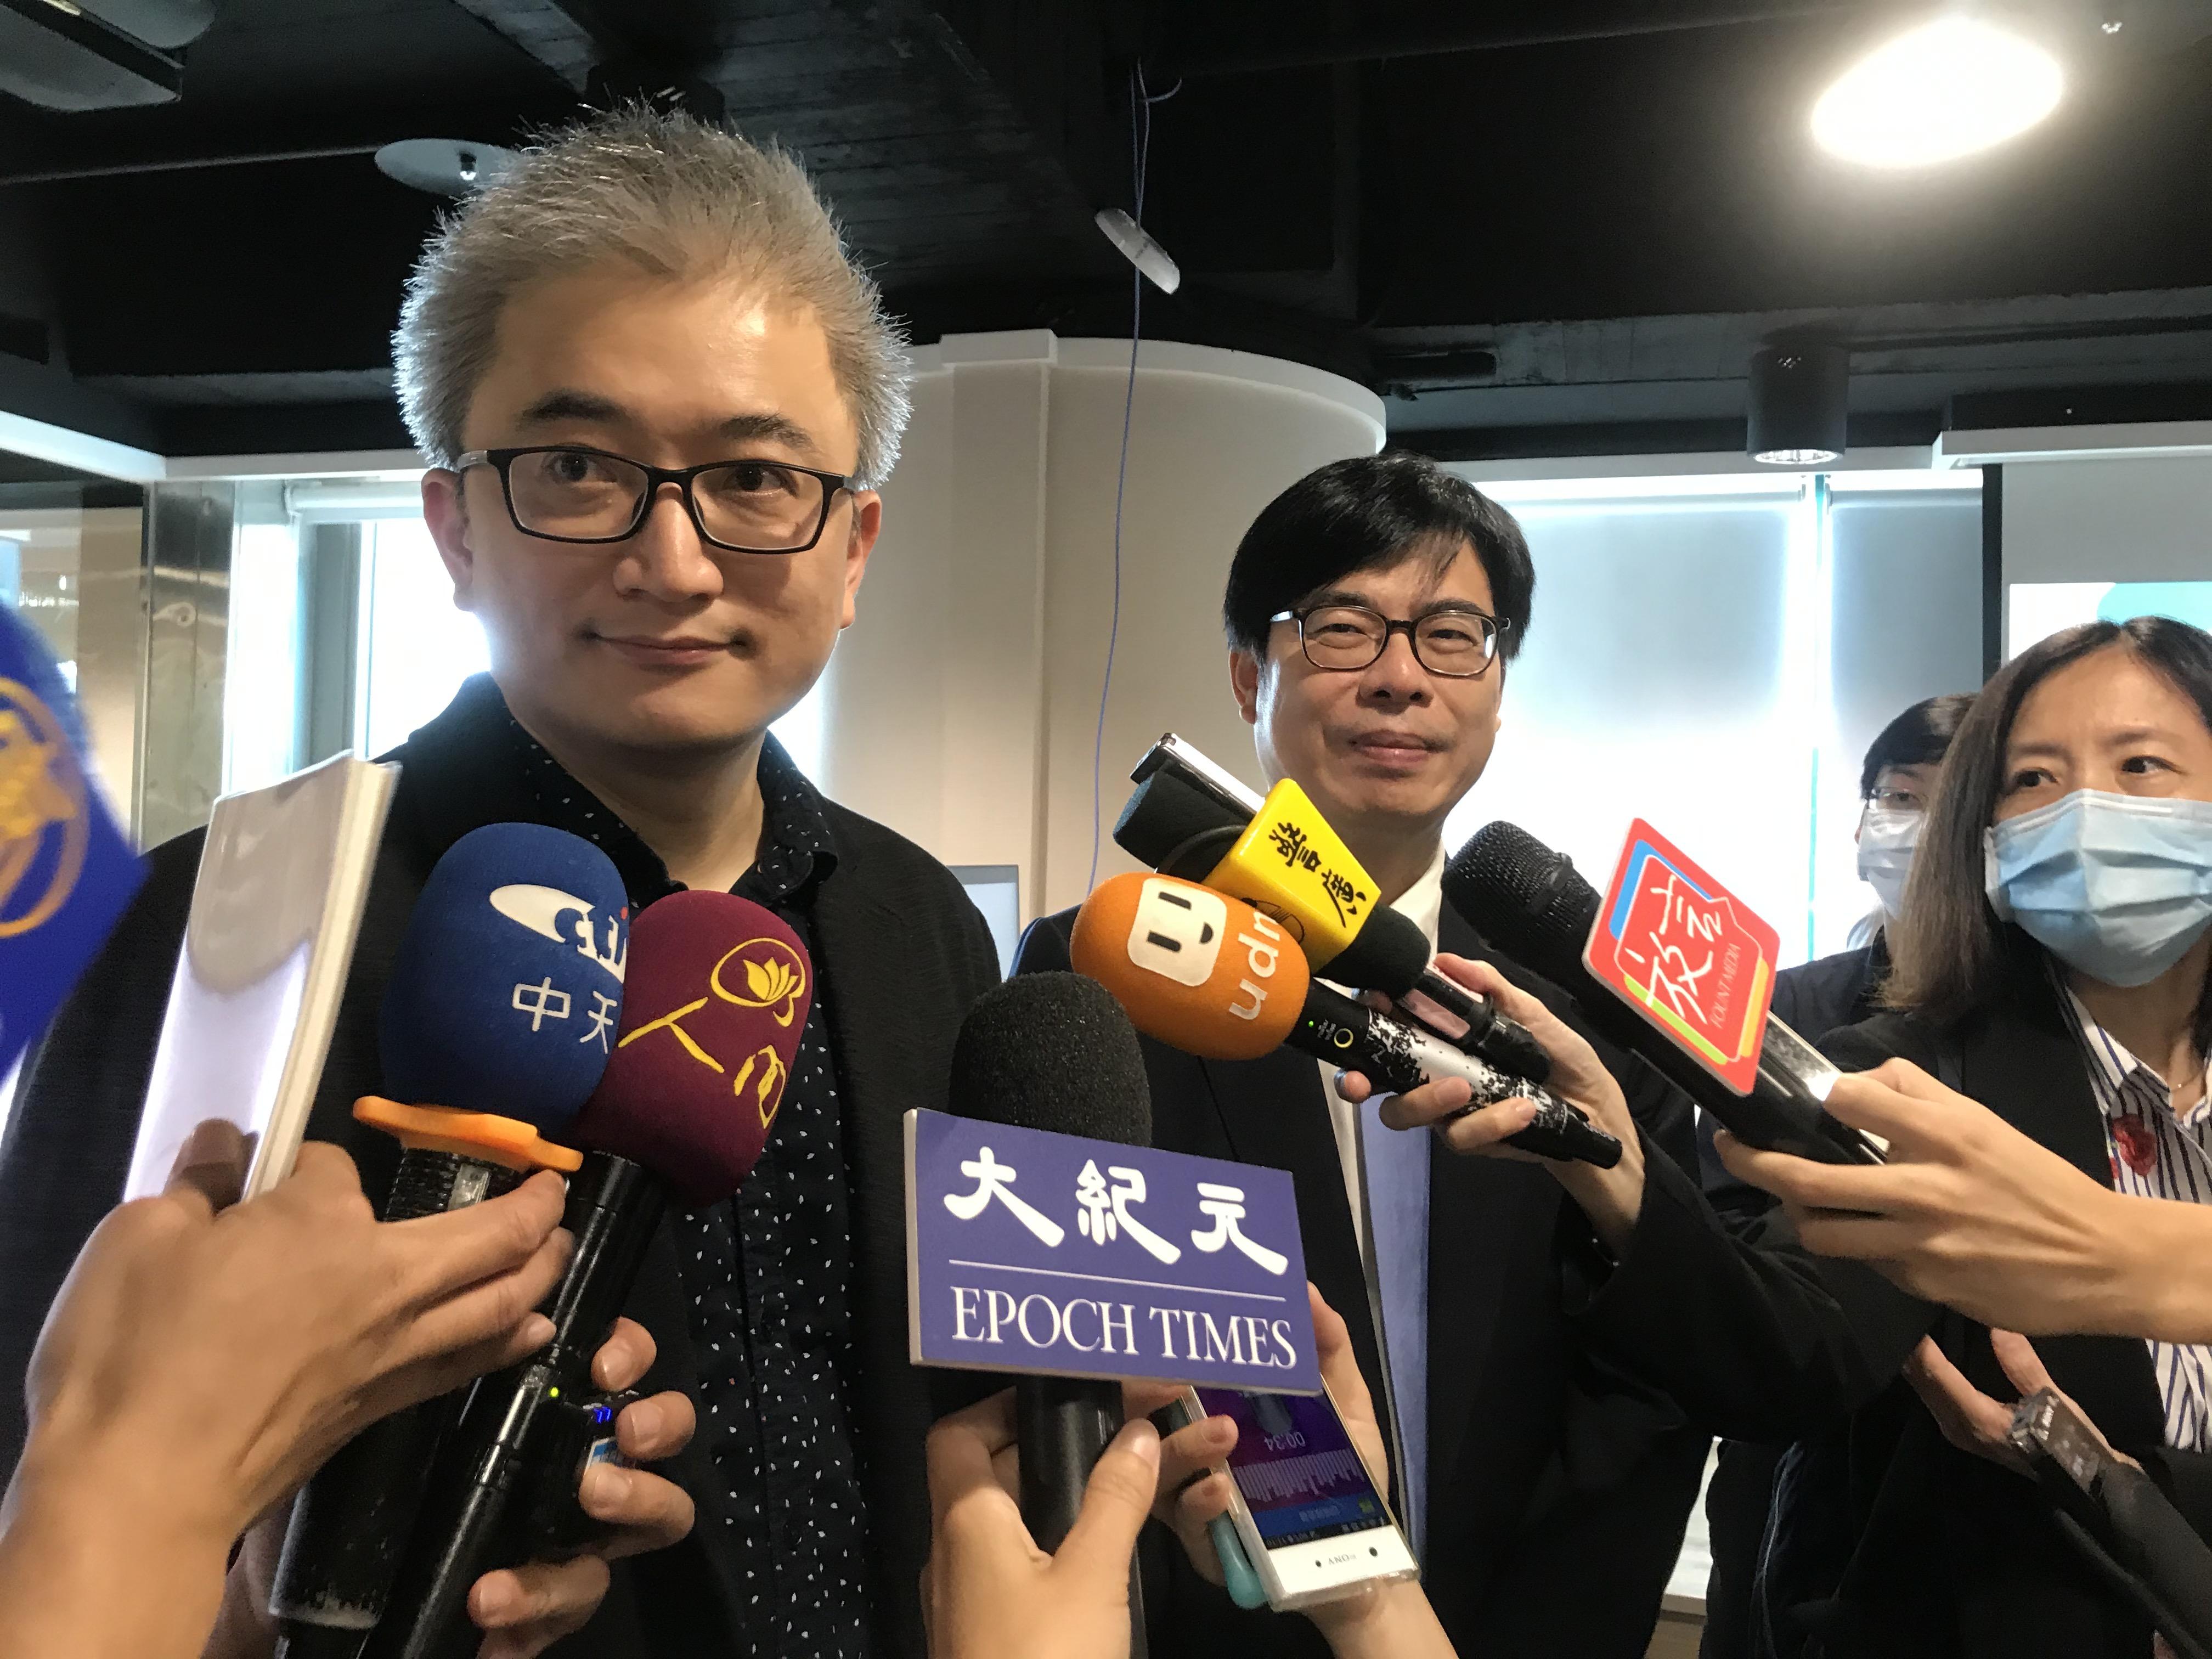 台灣AI實驗室分析大陸假訊息 打臉譚德塞